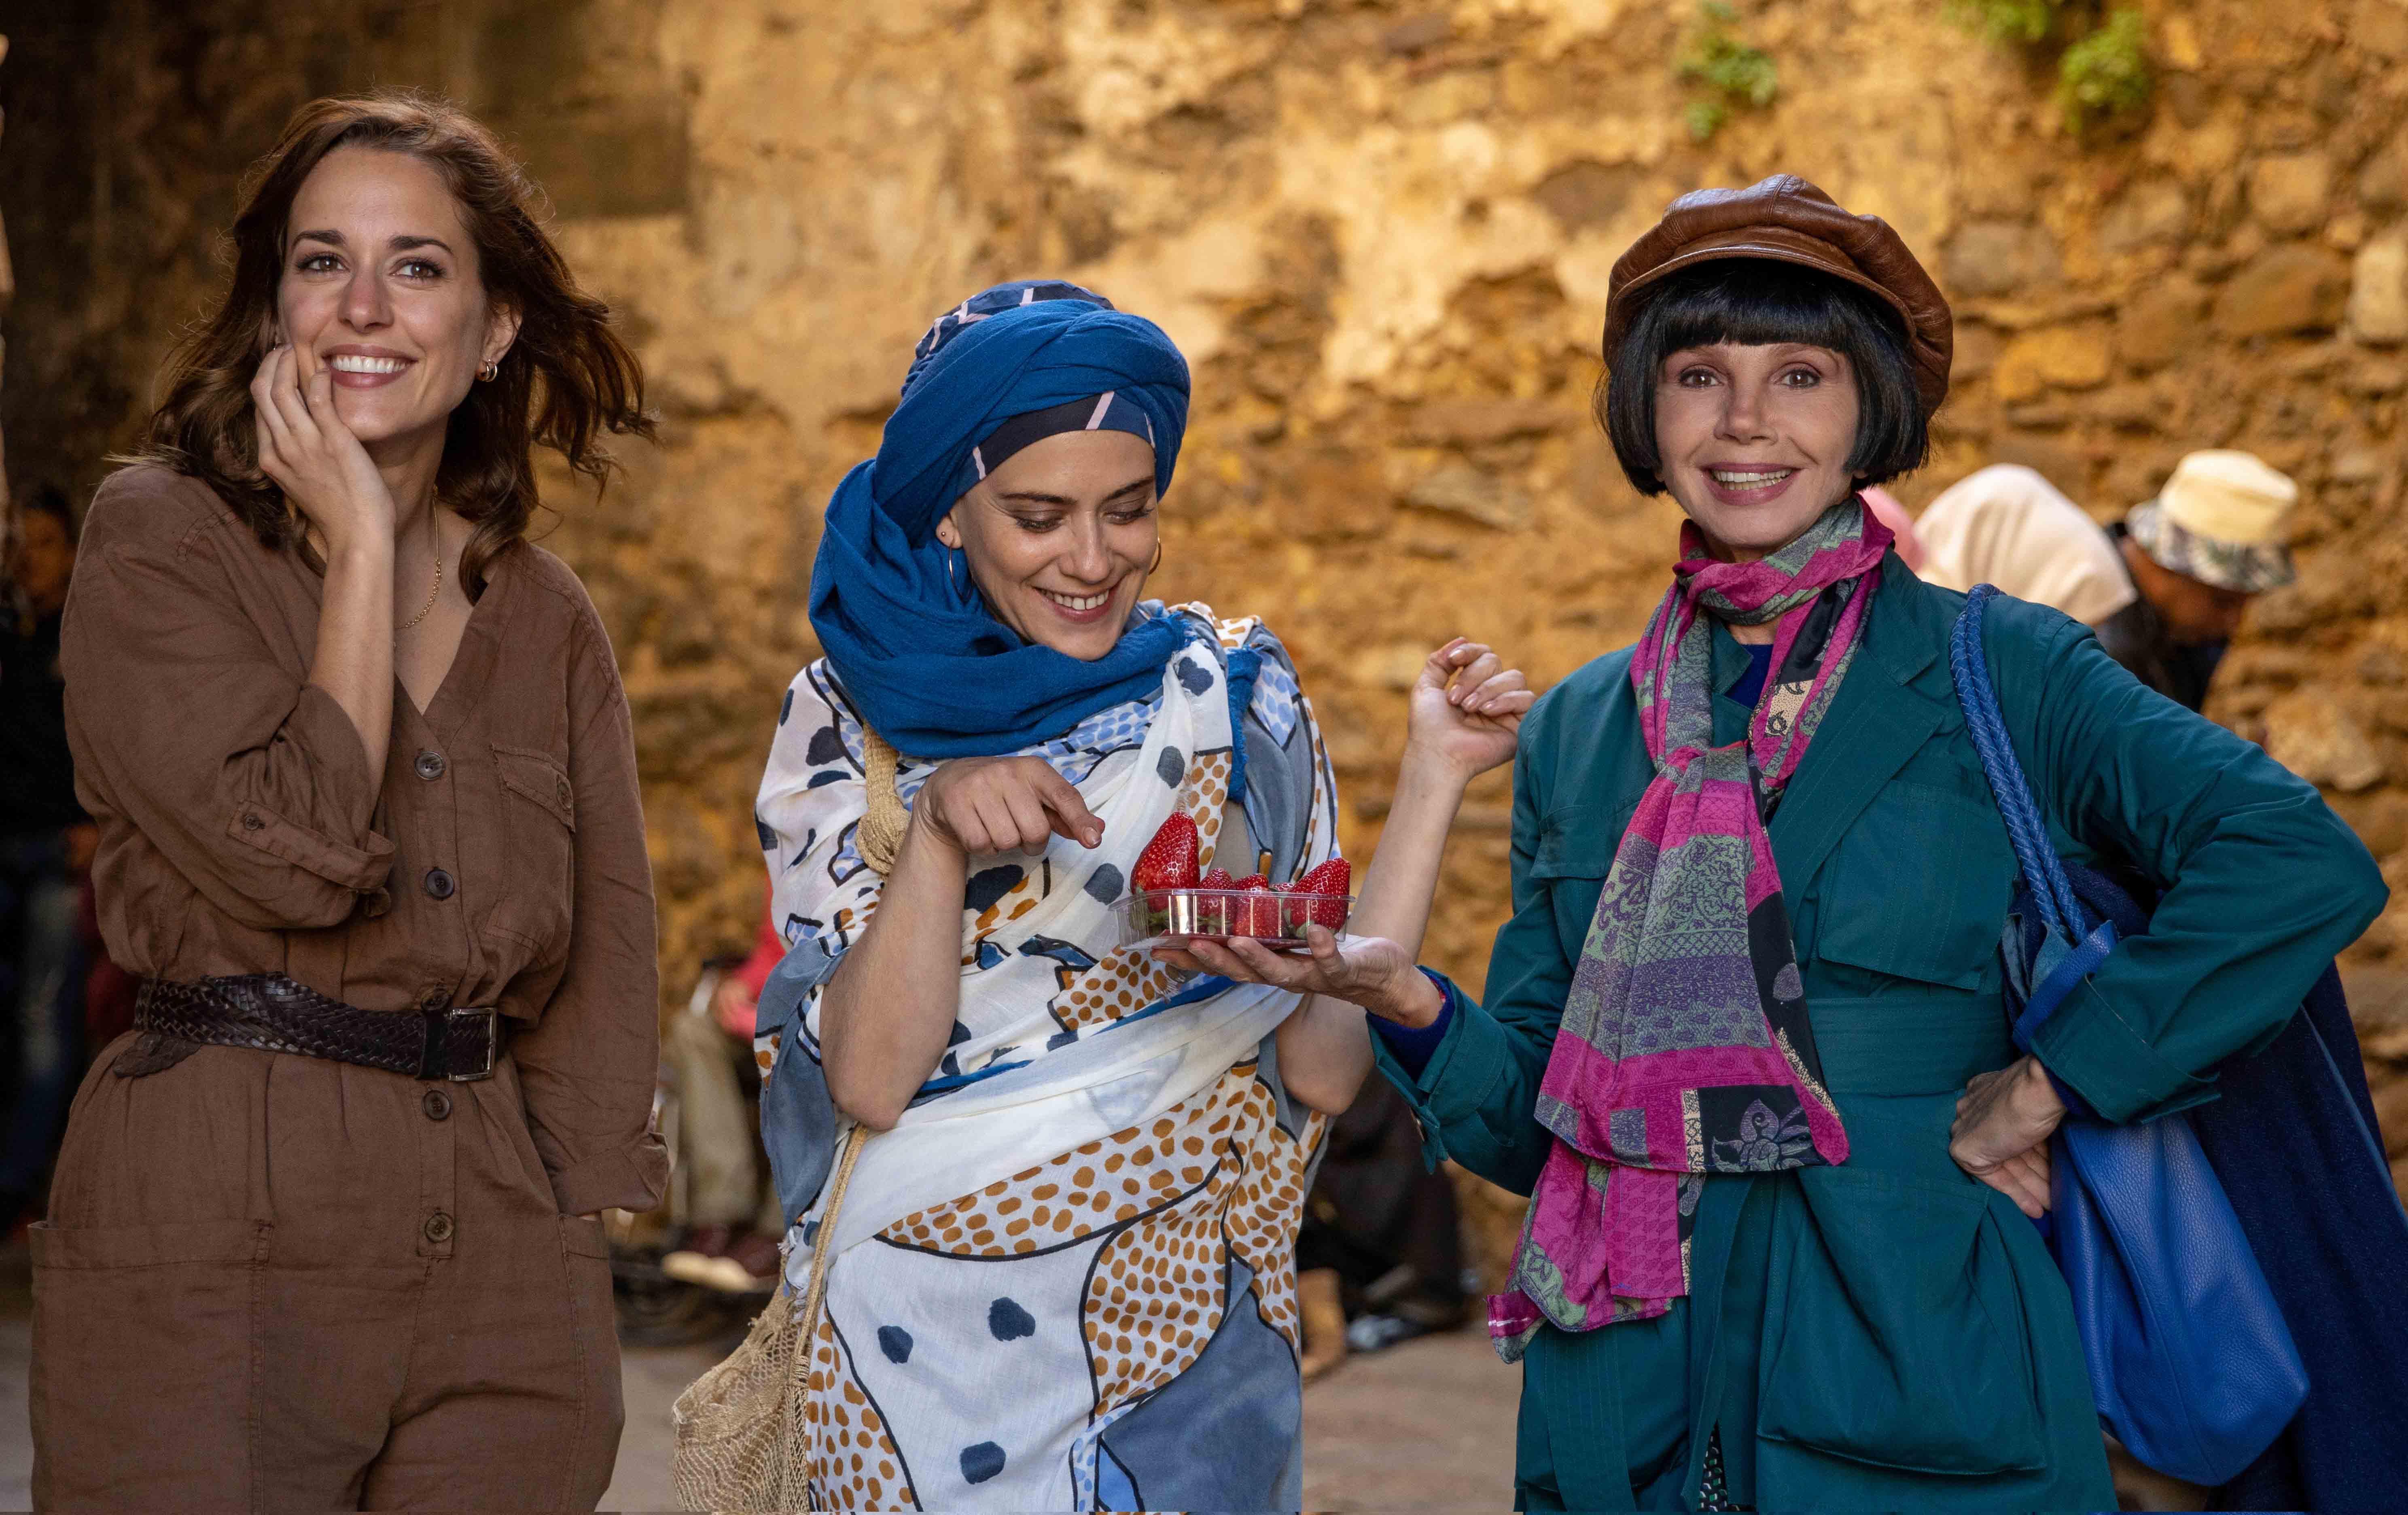 希維亞(左1)也表示:「希望透過我所演出的瑪爾這個角色,讓更多在情感上經歷挫折的女性得到力量,在友情的支持下重獲新生!」